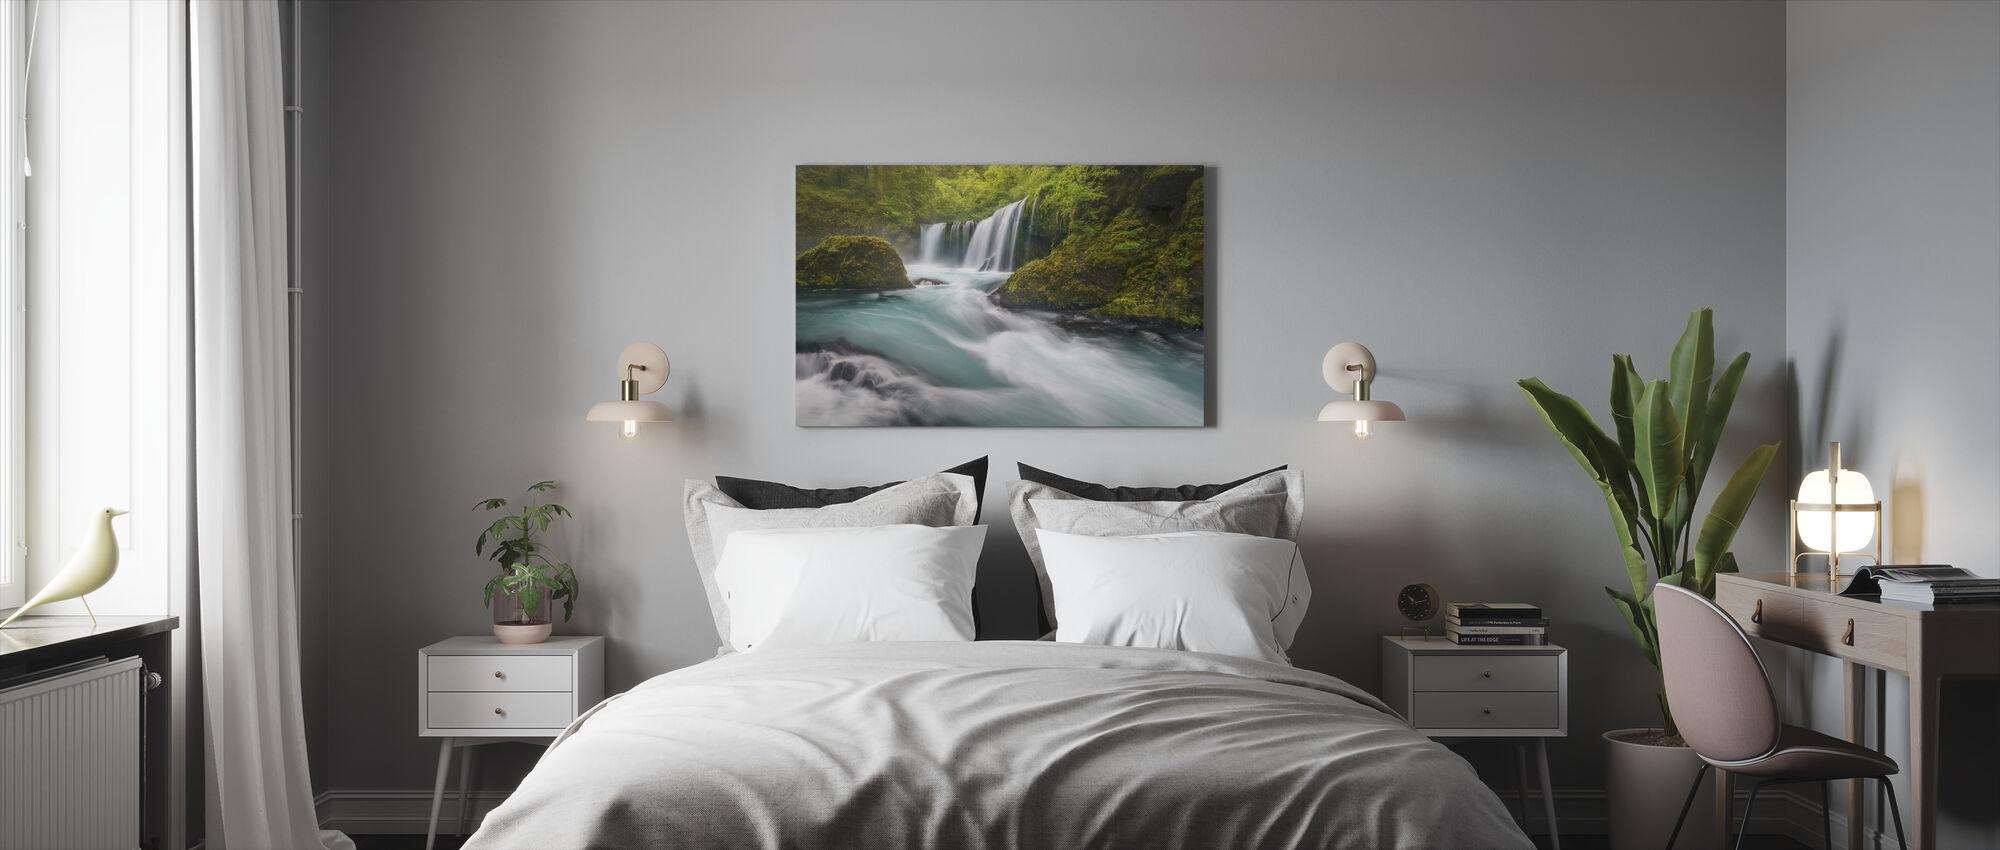 Spirit Falls - Canvas print - Bedroom